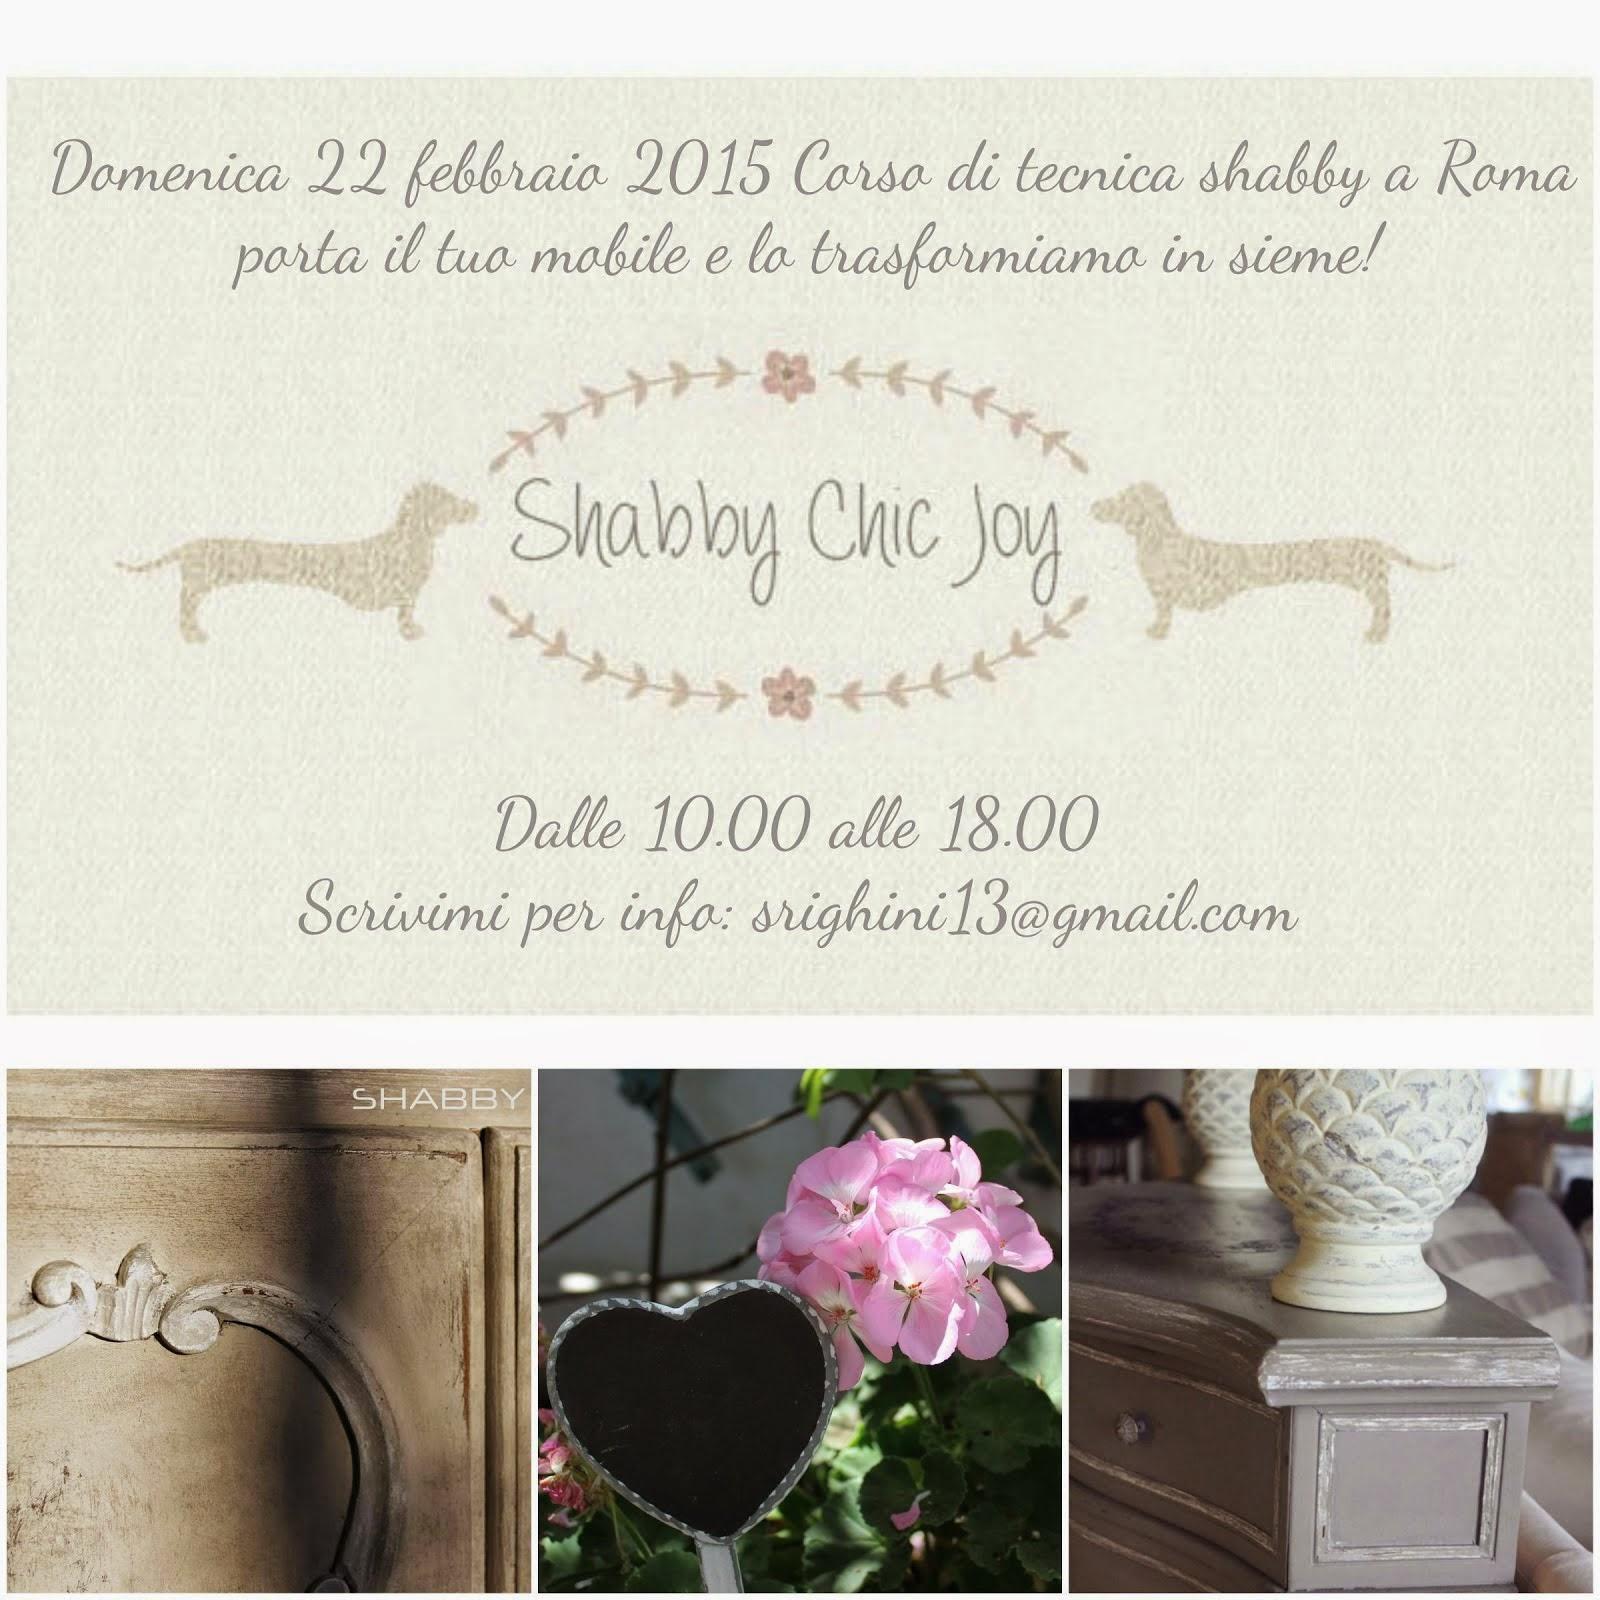 Corso di tecnica shabby a Roma - San Giovanni 28 febbraio